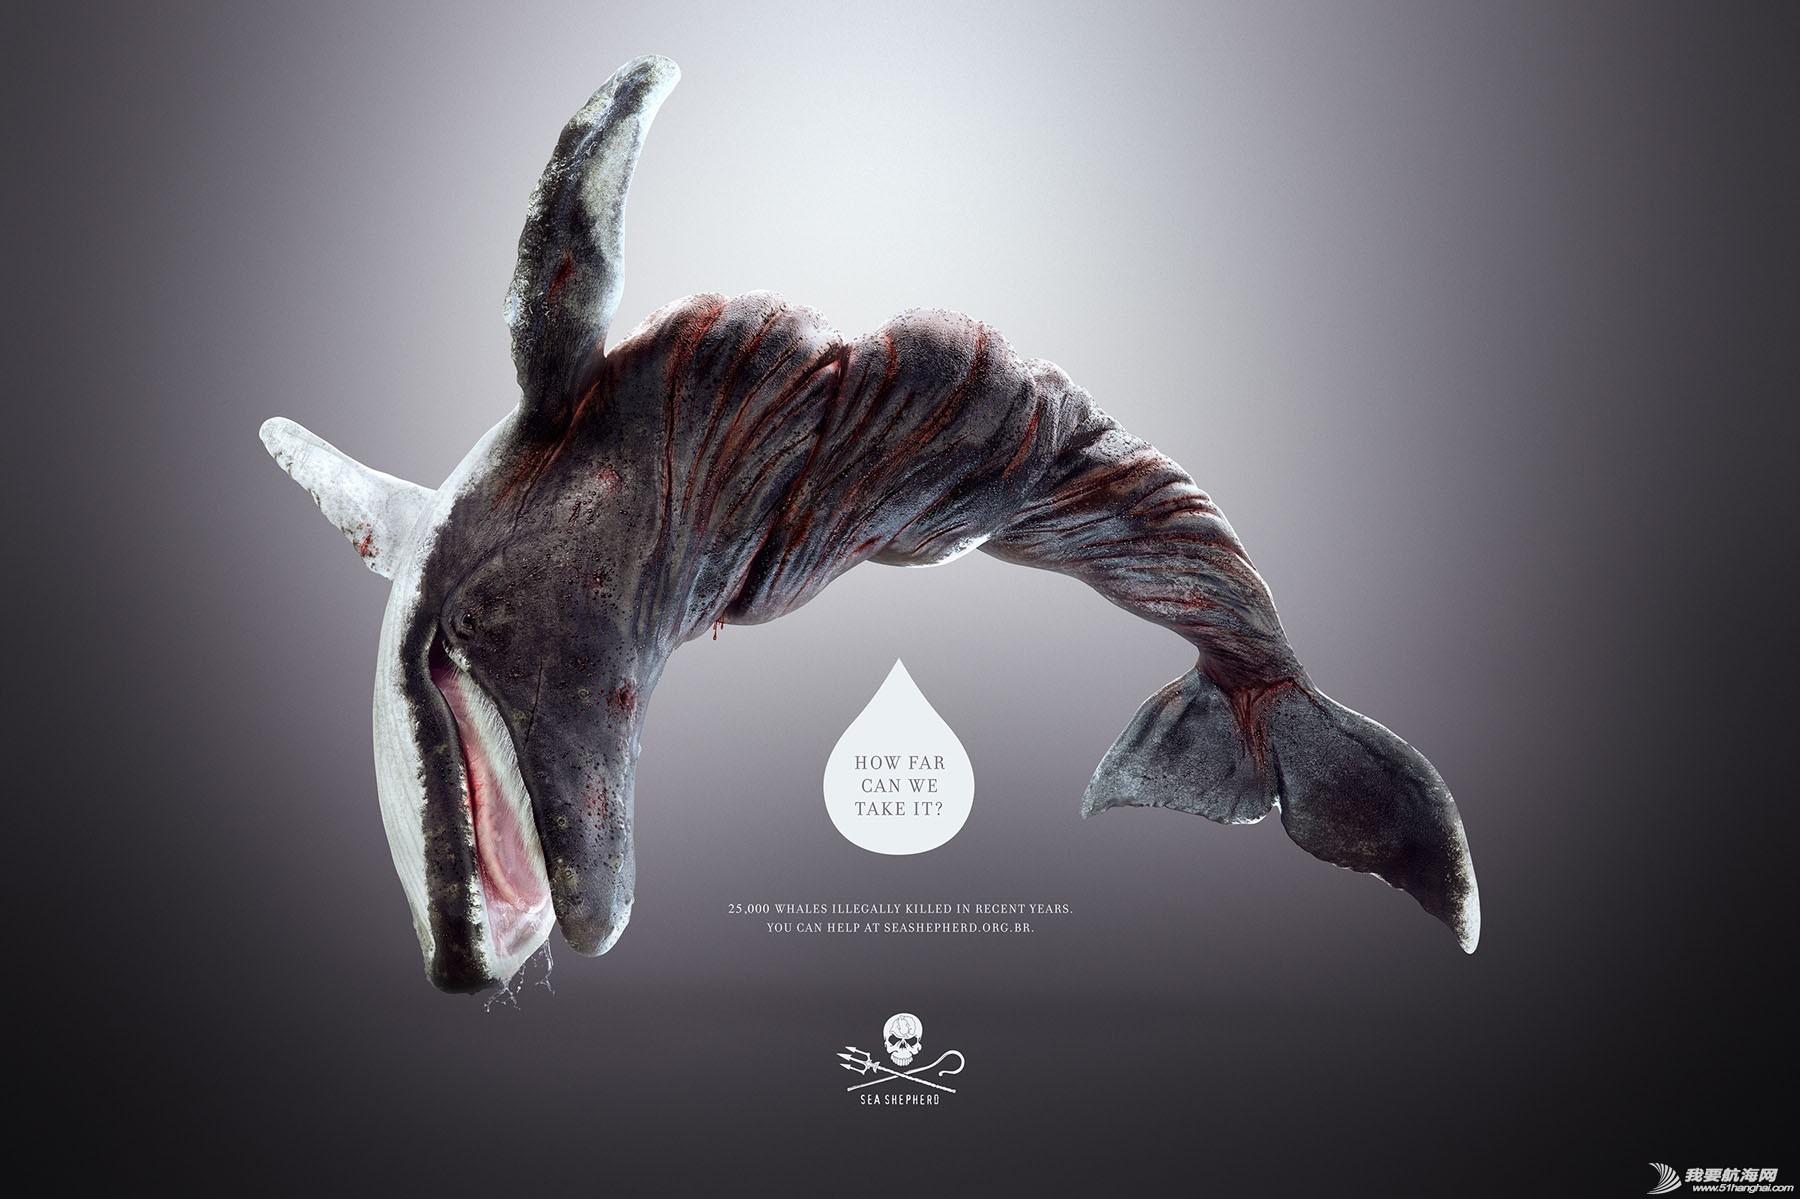 平面设计,海洋,动物 扭曲的海洋、生物 20130529041957620.jpg